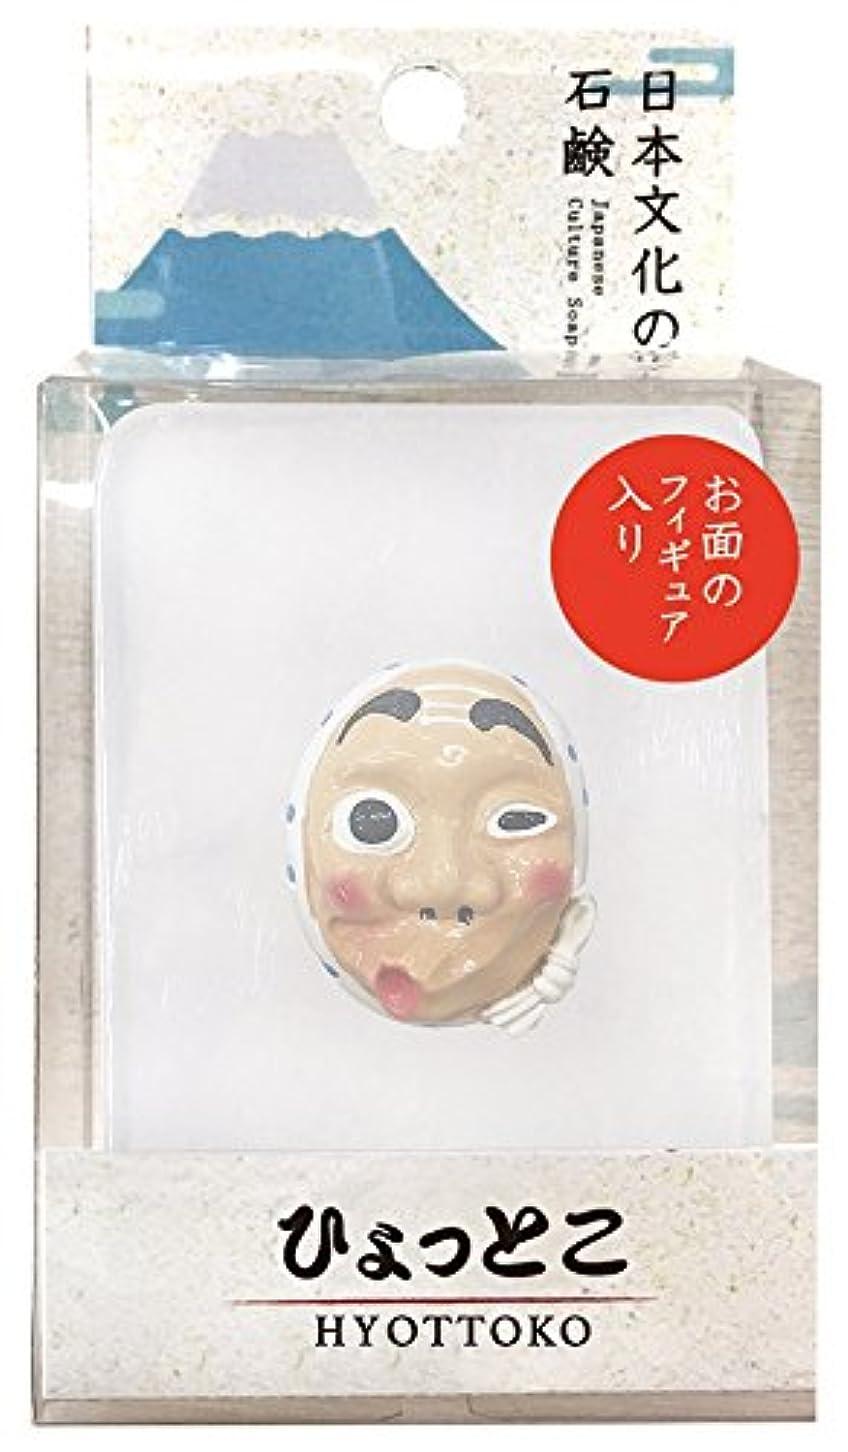 欠員カタログ名声ノルコーポレーション 石鹸 日本文化の石鹸 ひょっとこ 140g フィギュア付き OB-JCP-1-1